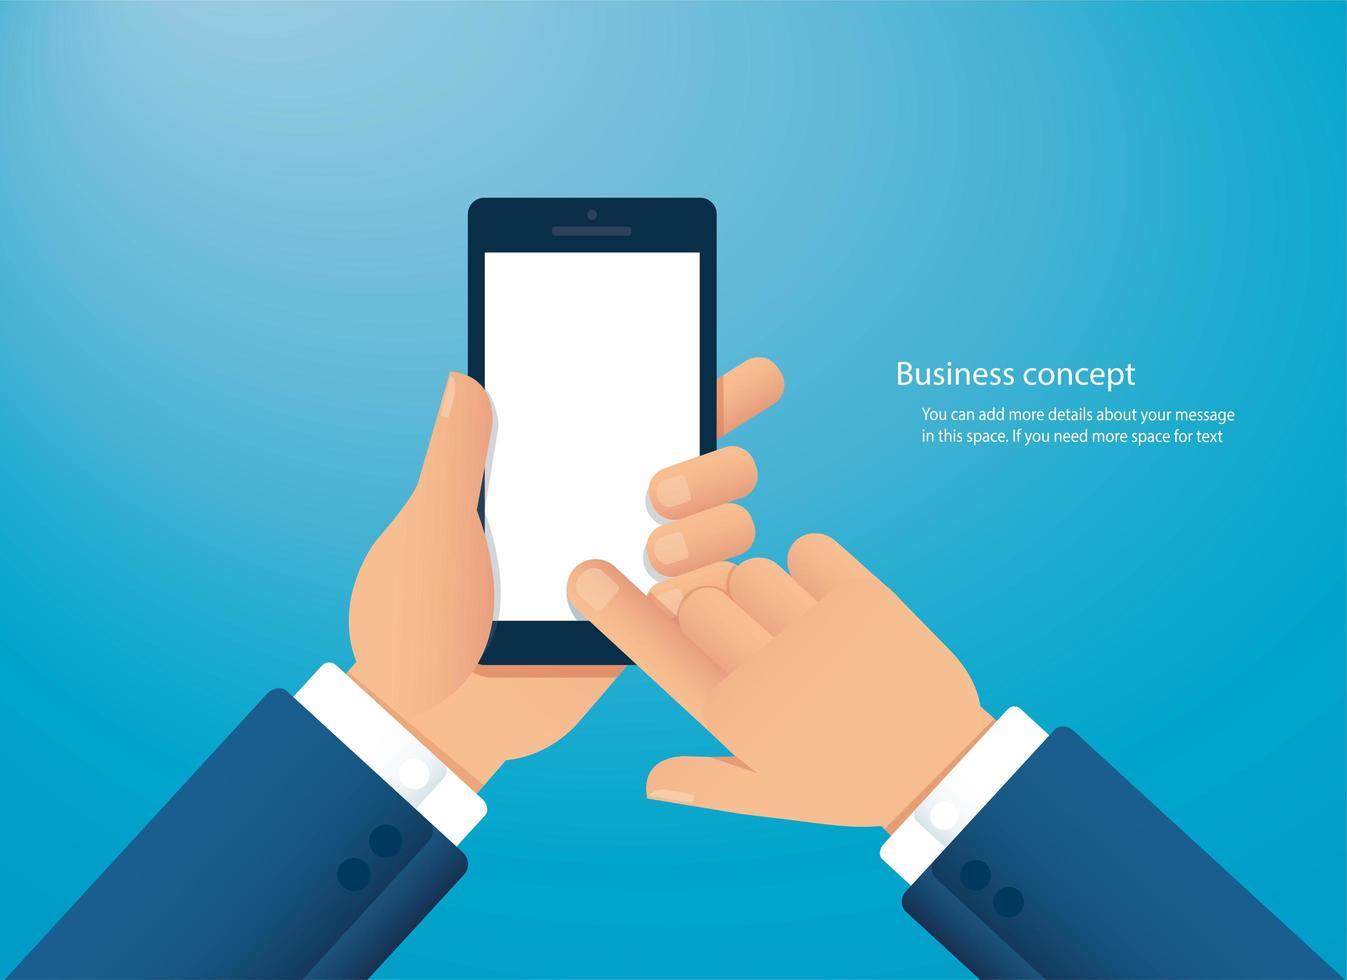 mano sosteniendo smartphone vector